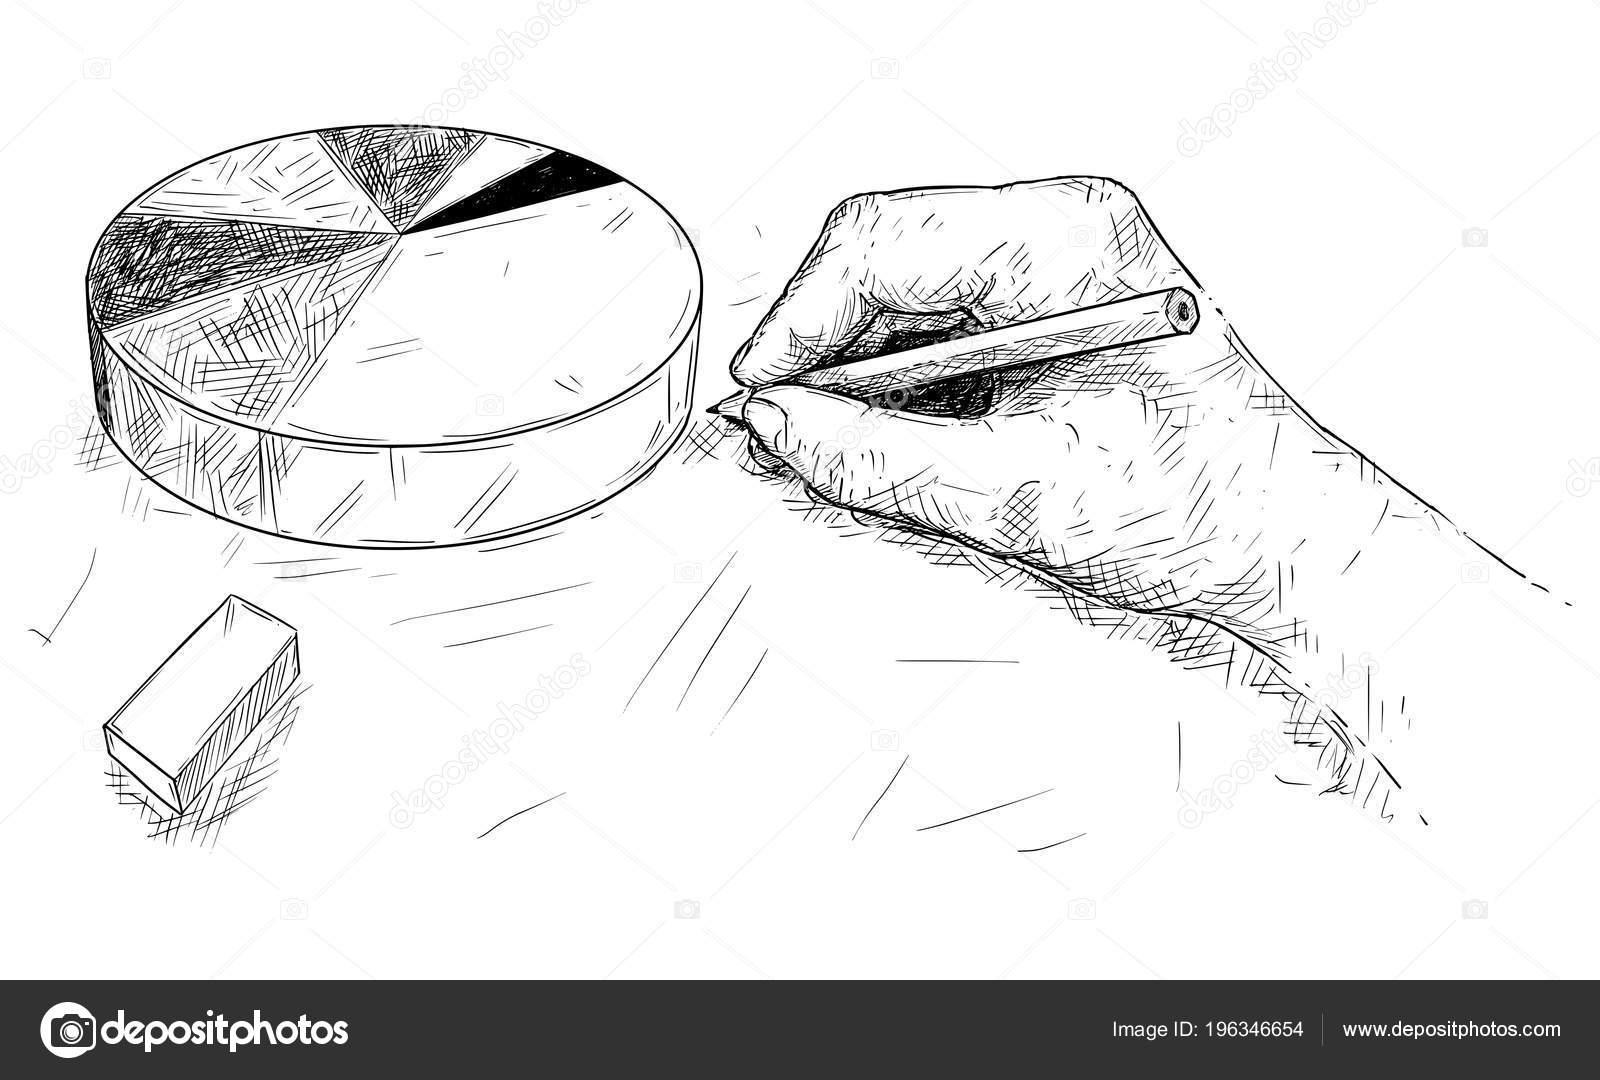 El çizimi Pasta Grafik Veya Grafik Karikatür Stok Vektör Ursus